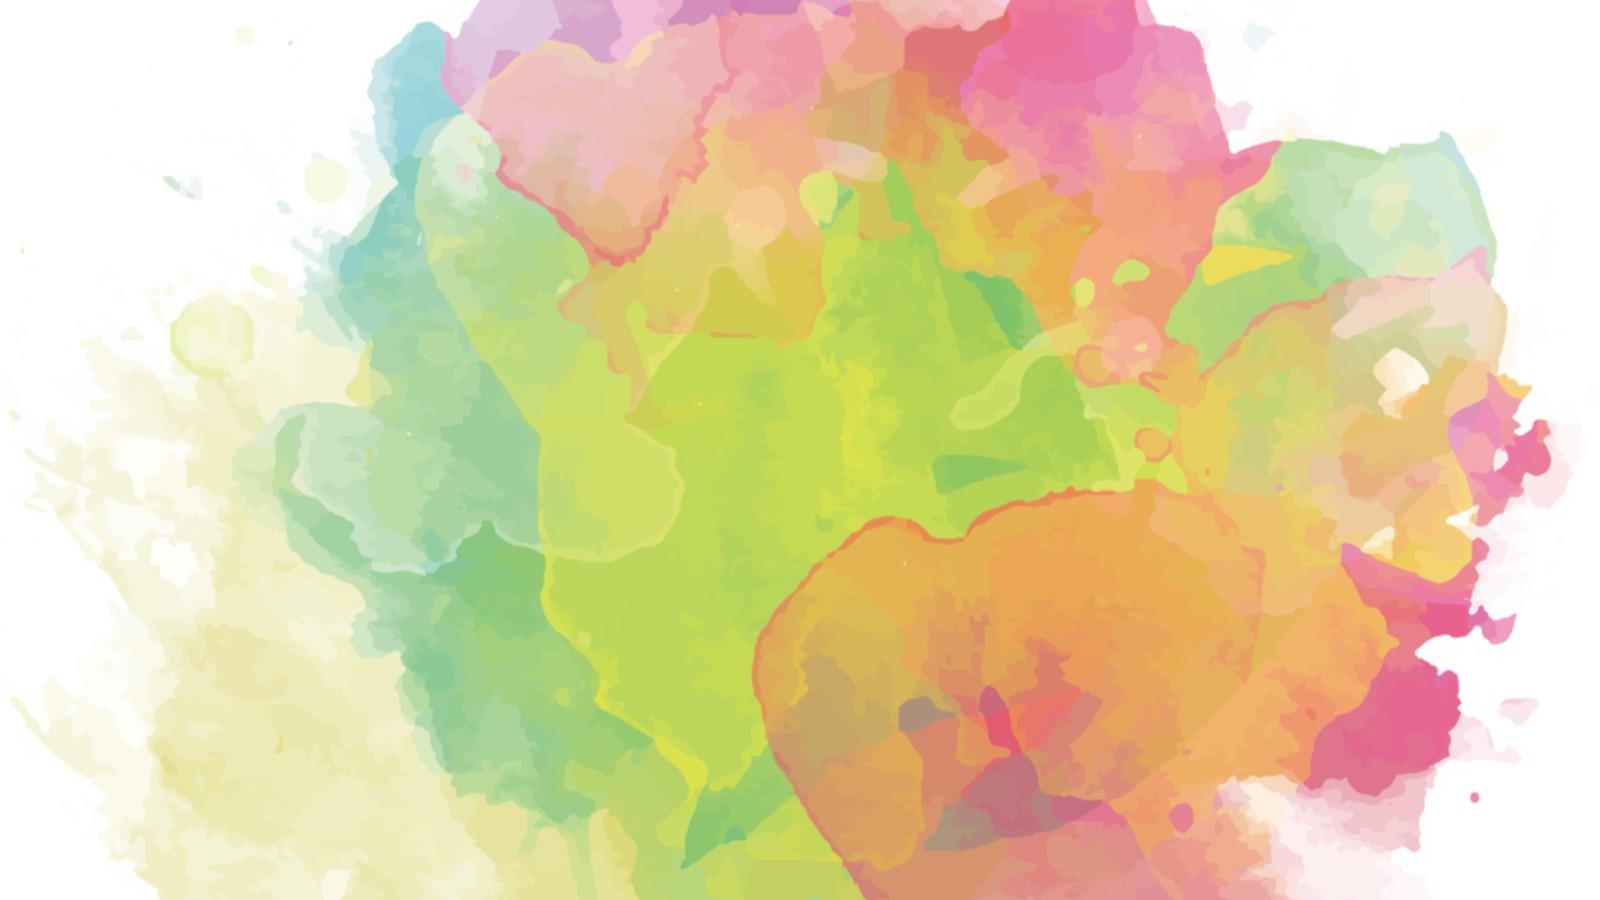 三张彩色水彩PPT背景图片